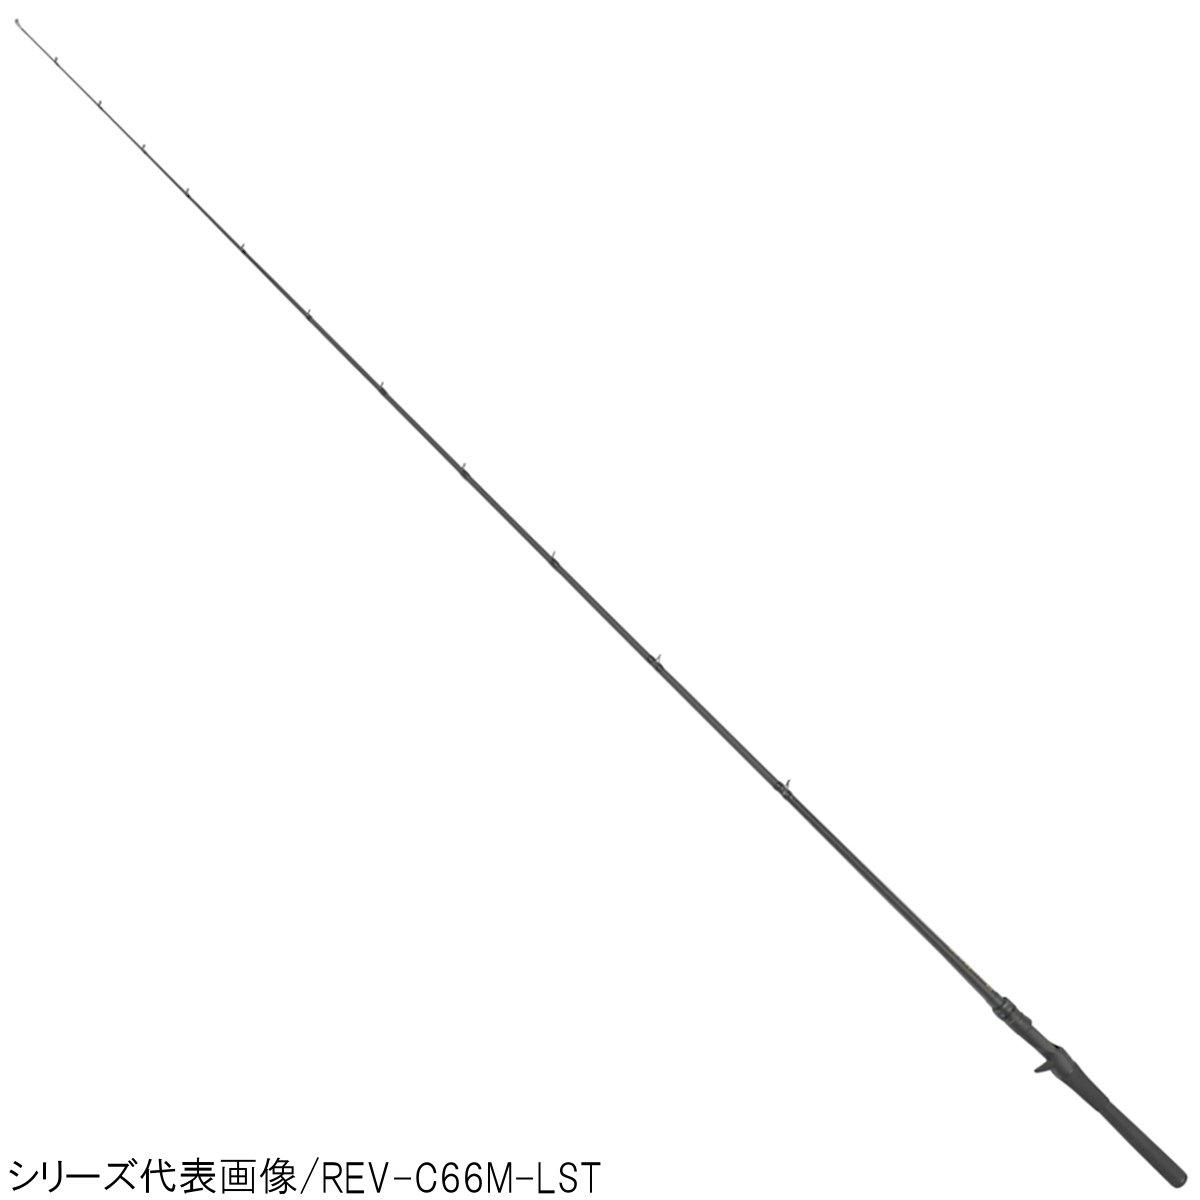 ジャッカル Revoltage RV-C70MH-FMG【大型商品】(東日本店)